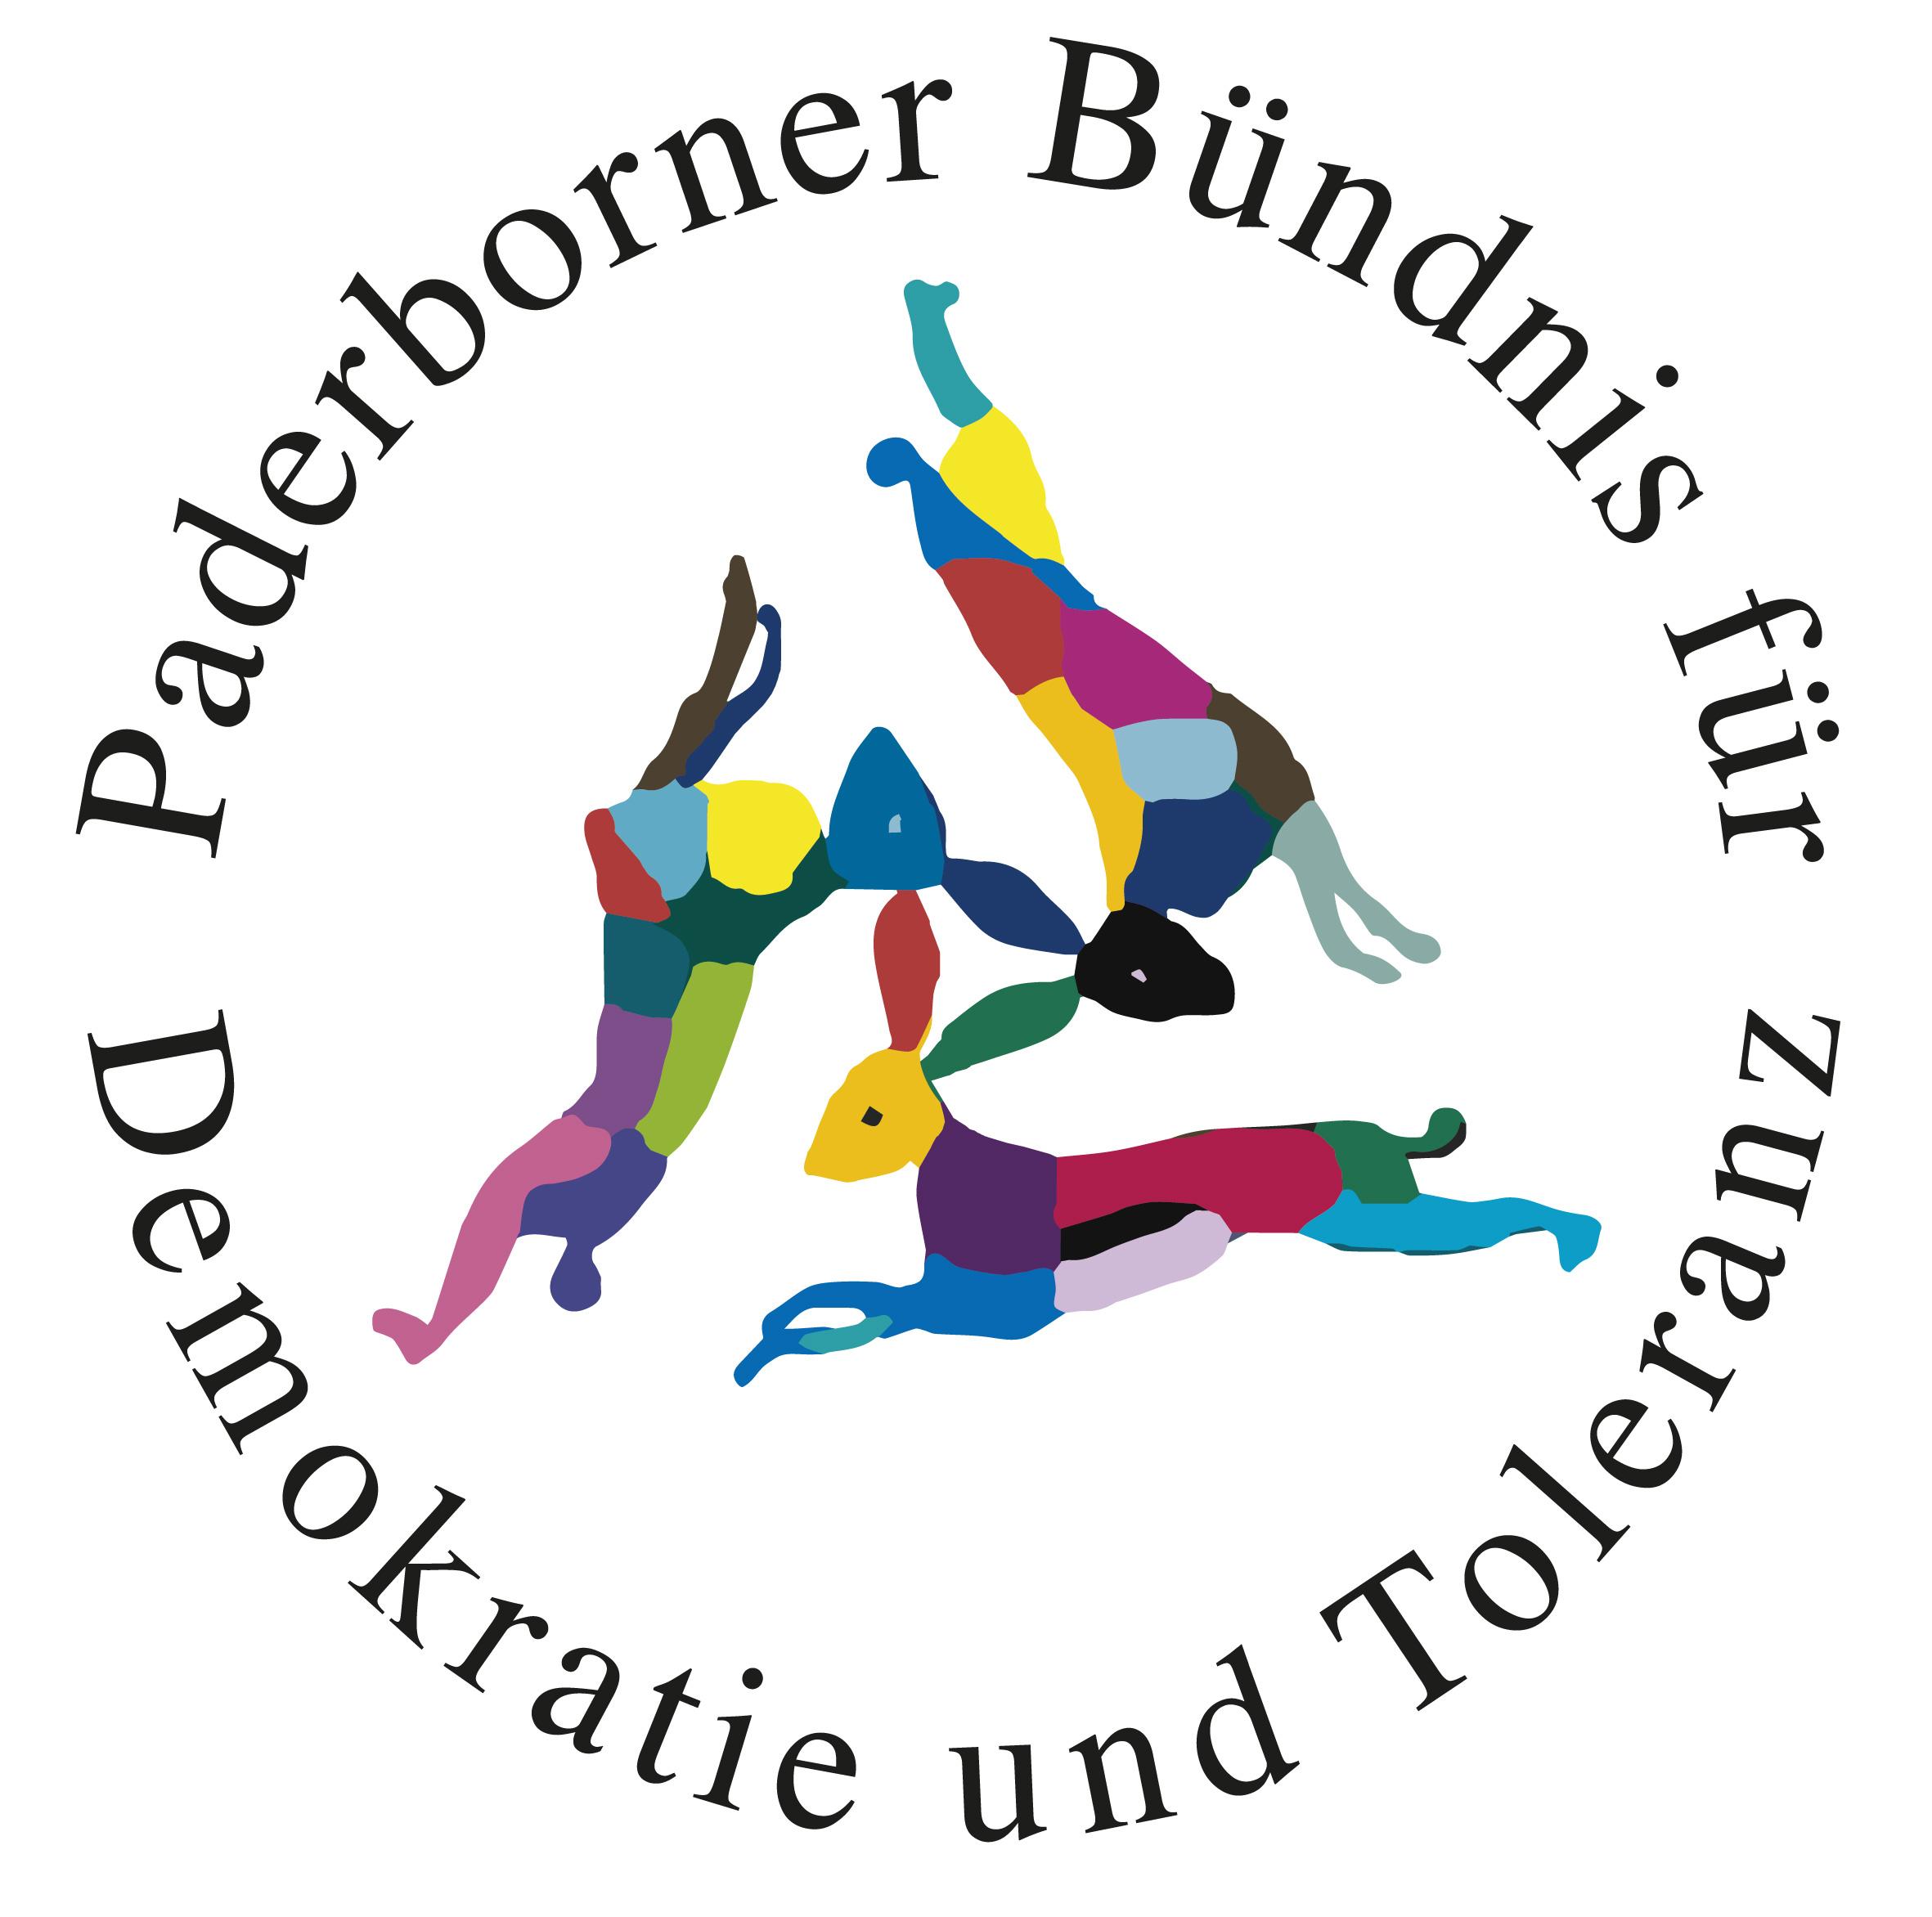 Paderborner Bündnis für Demokratie und Toleranz